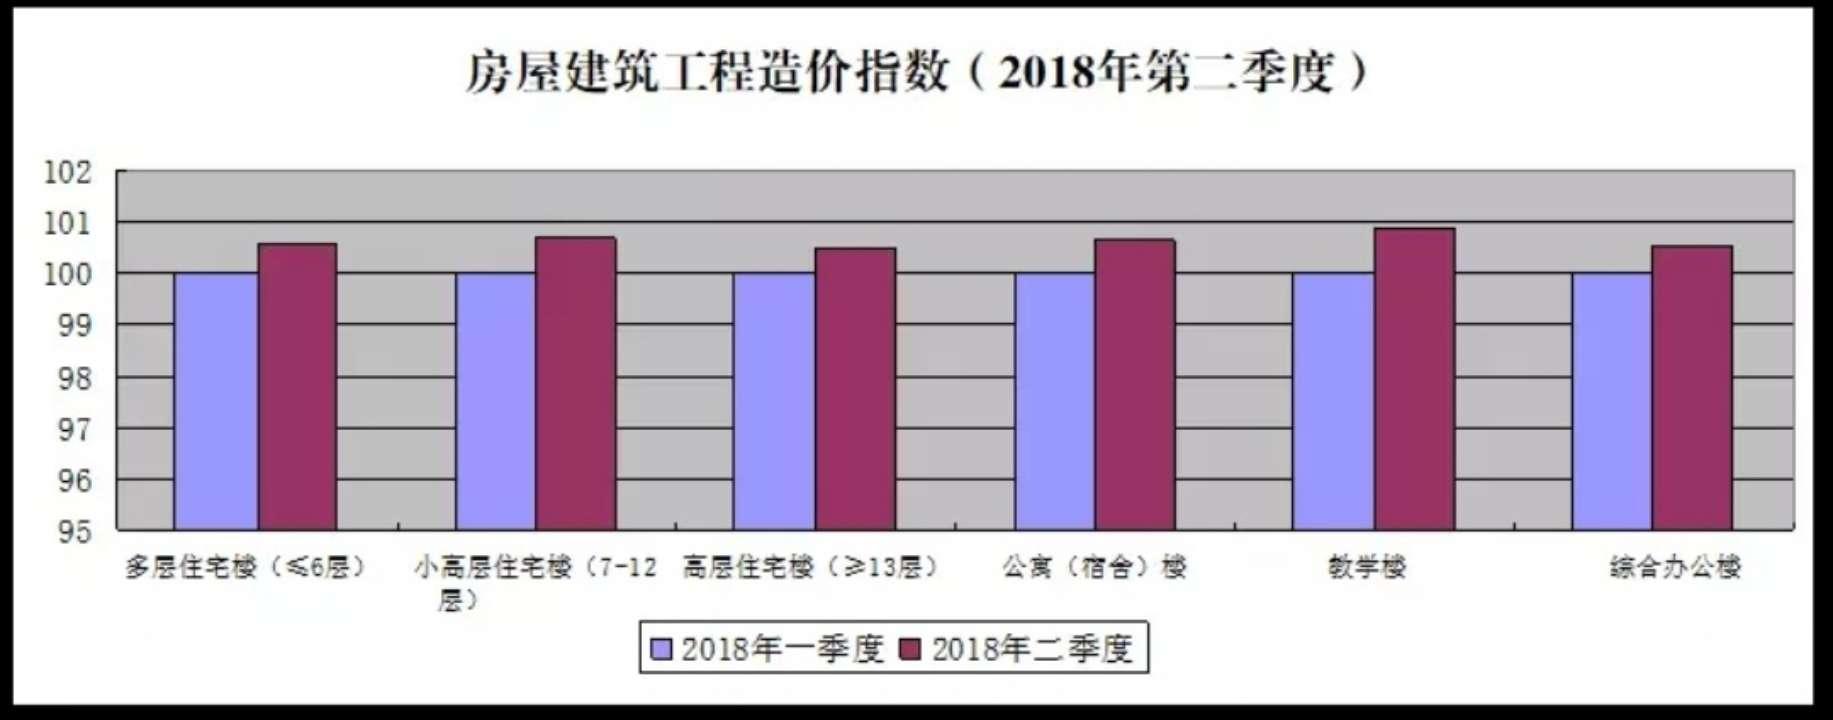 青岛首次公开发布建设工程造价指数